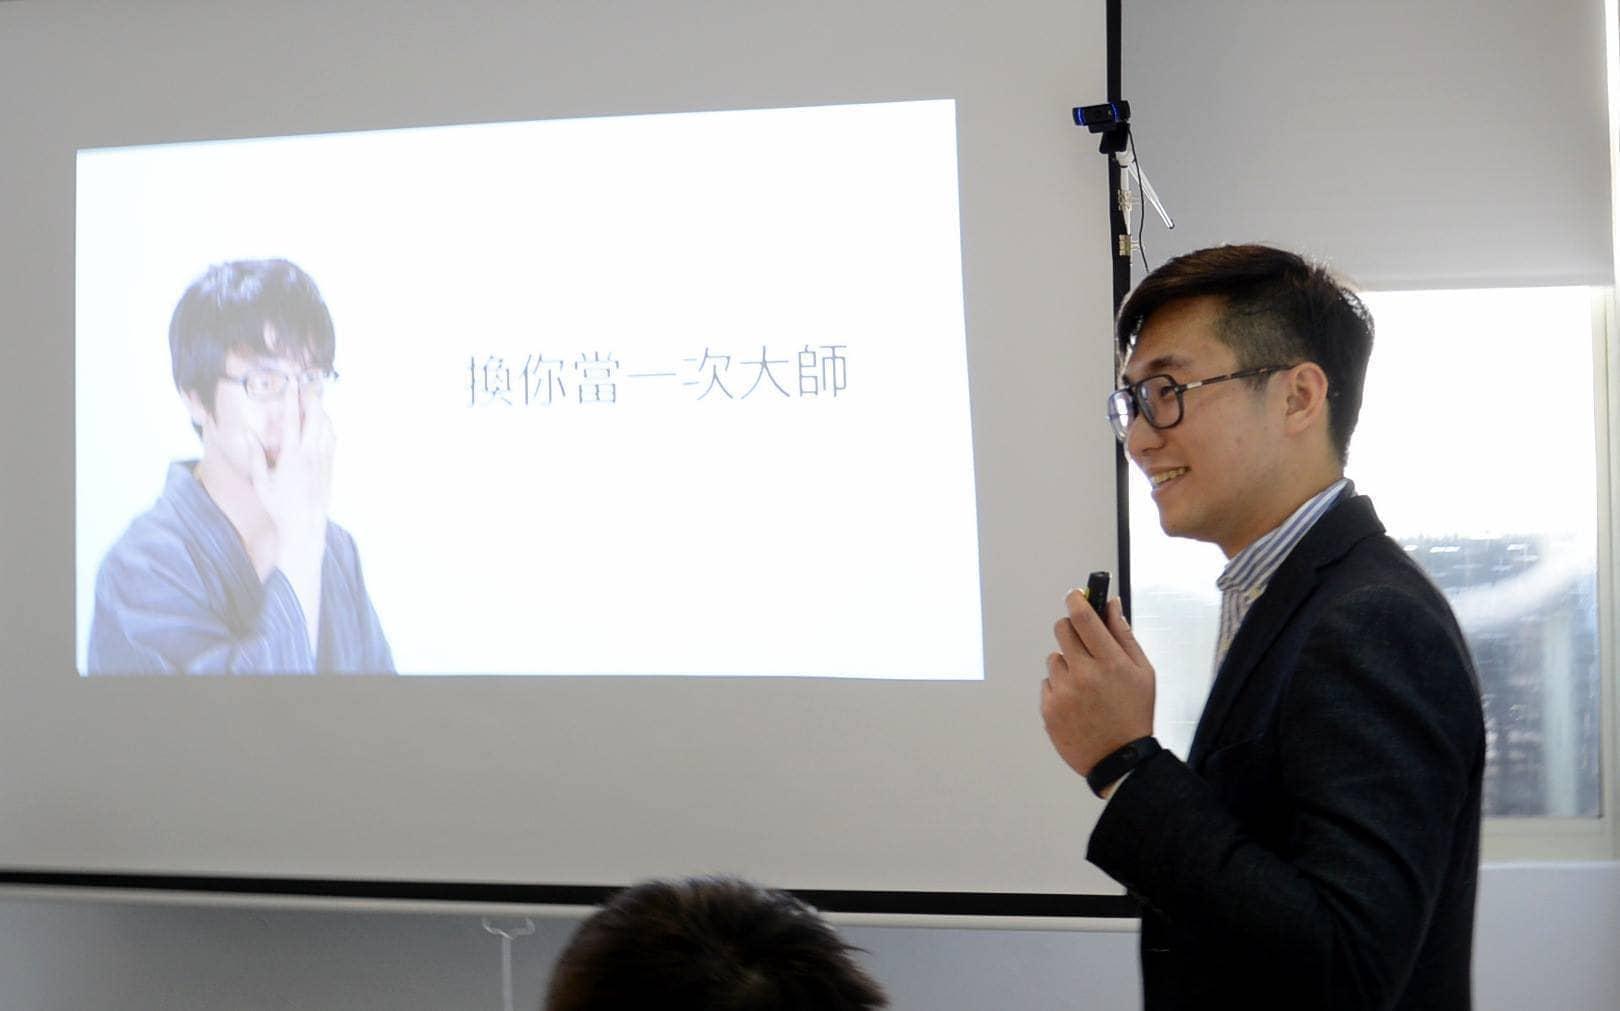 棋奕力-建築設計的快速決策-臺中場 2